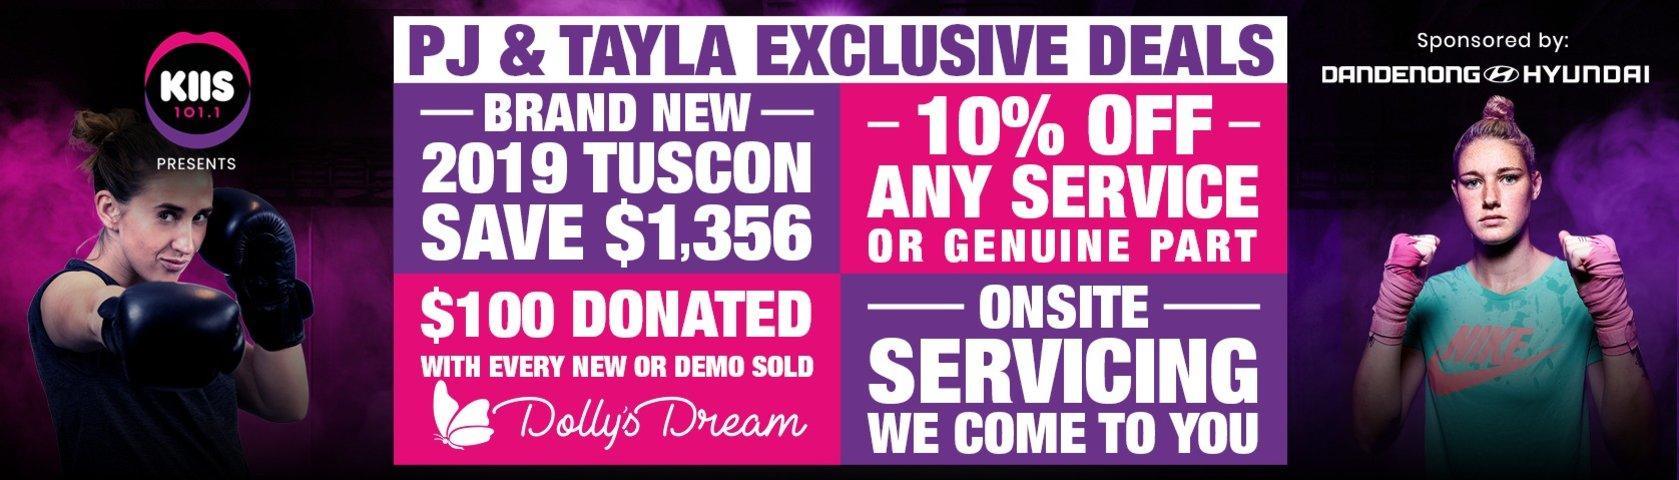 PJ vs Tayla Exclusive Deals